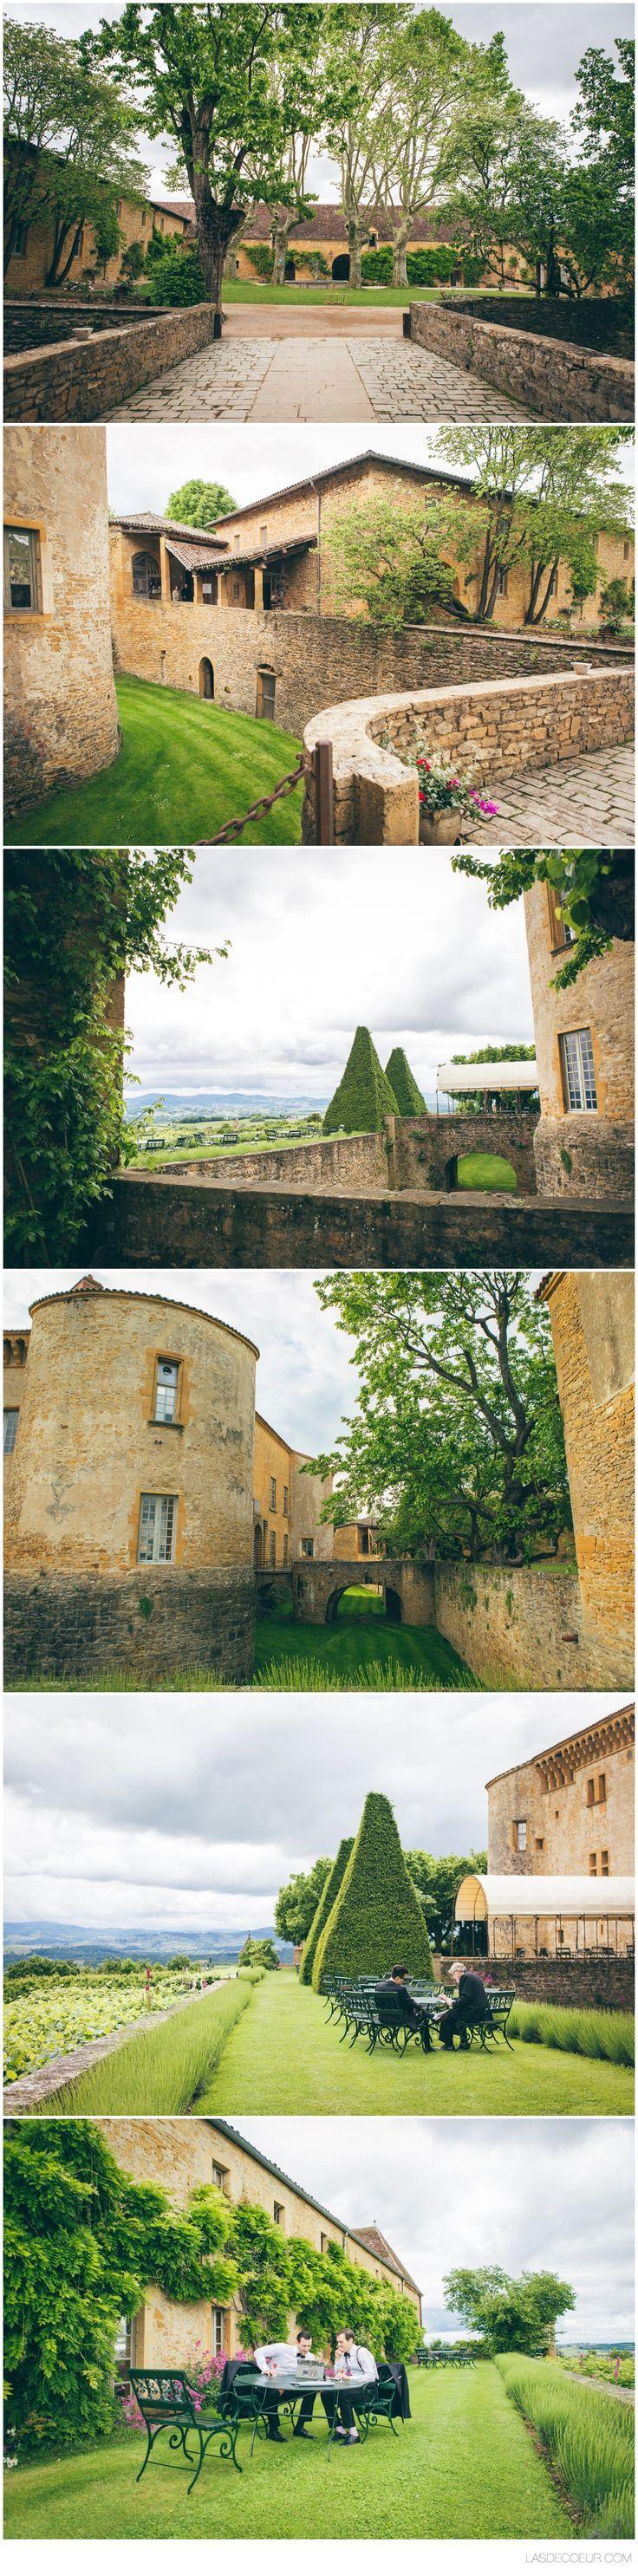 Photo mariage Chateau de Bagnols ©www.lasdecoeur.com - Photo + Cinéma